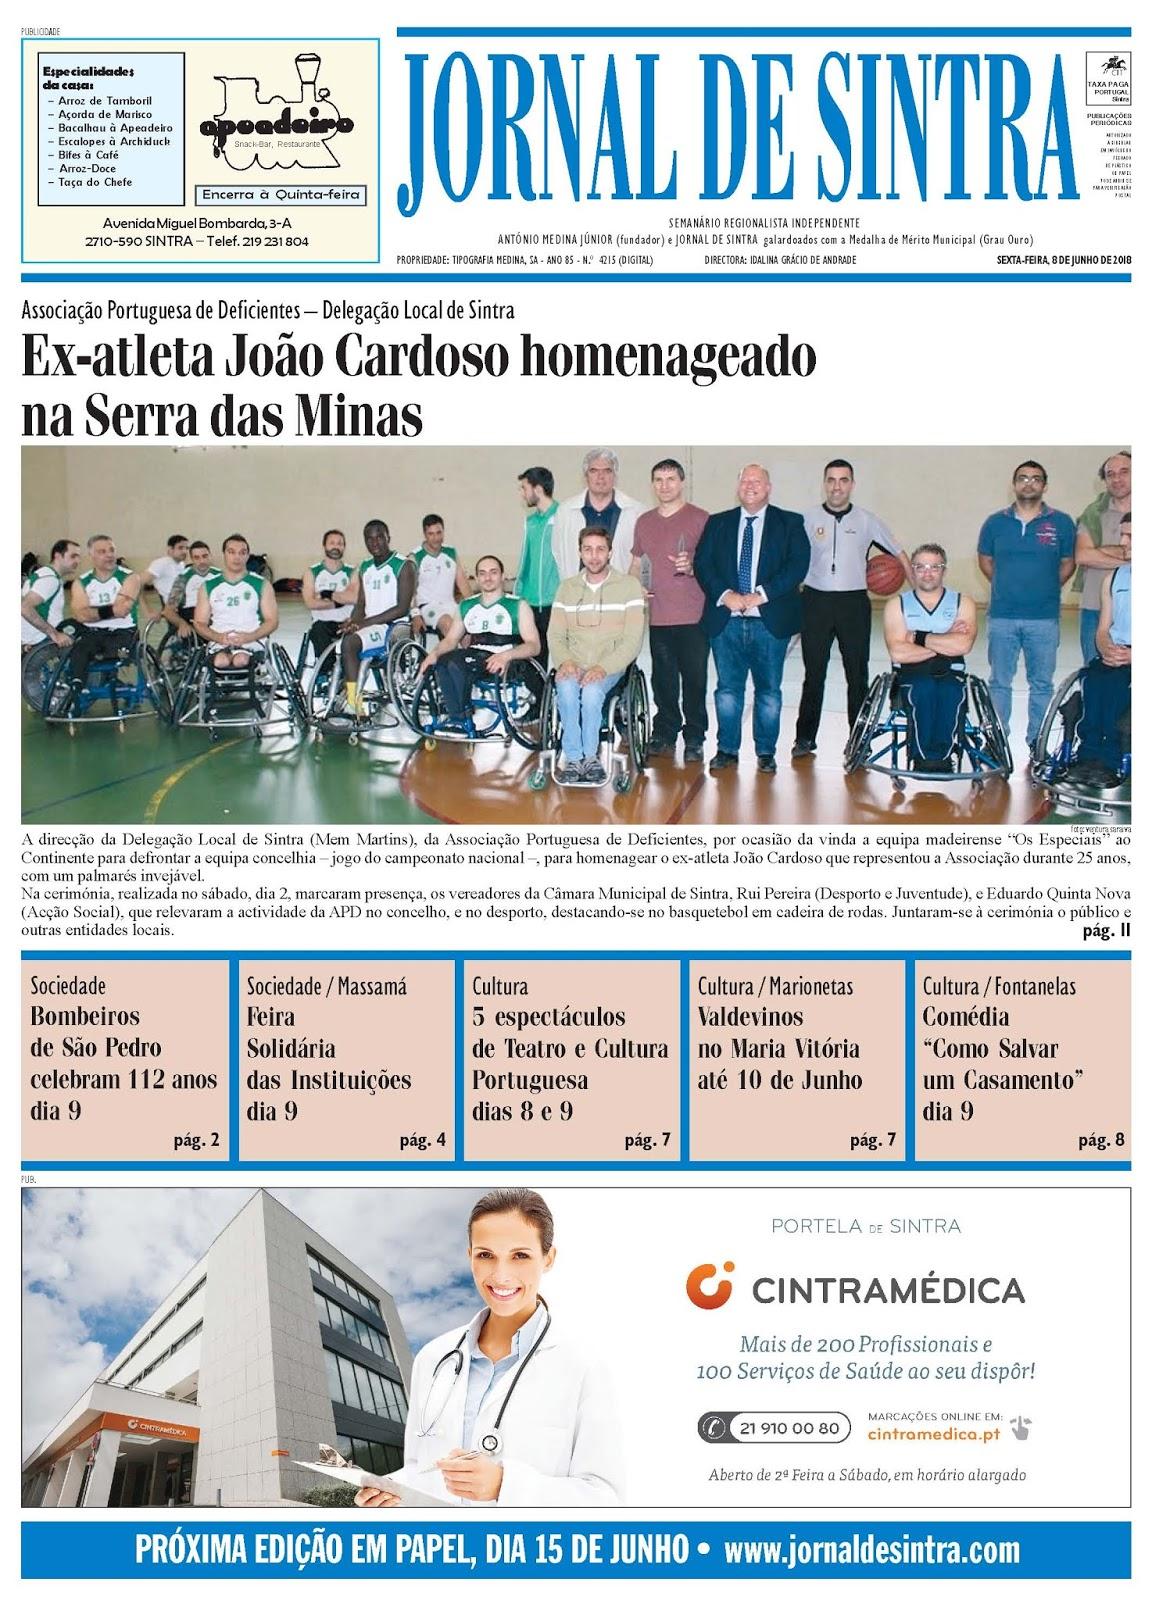 Capa da edição de 08-06-2018